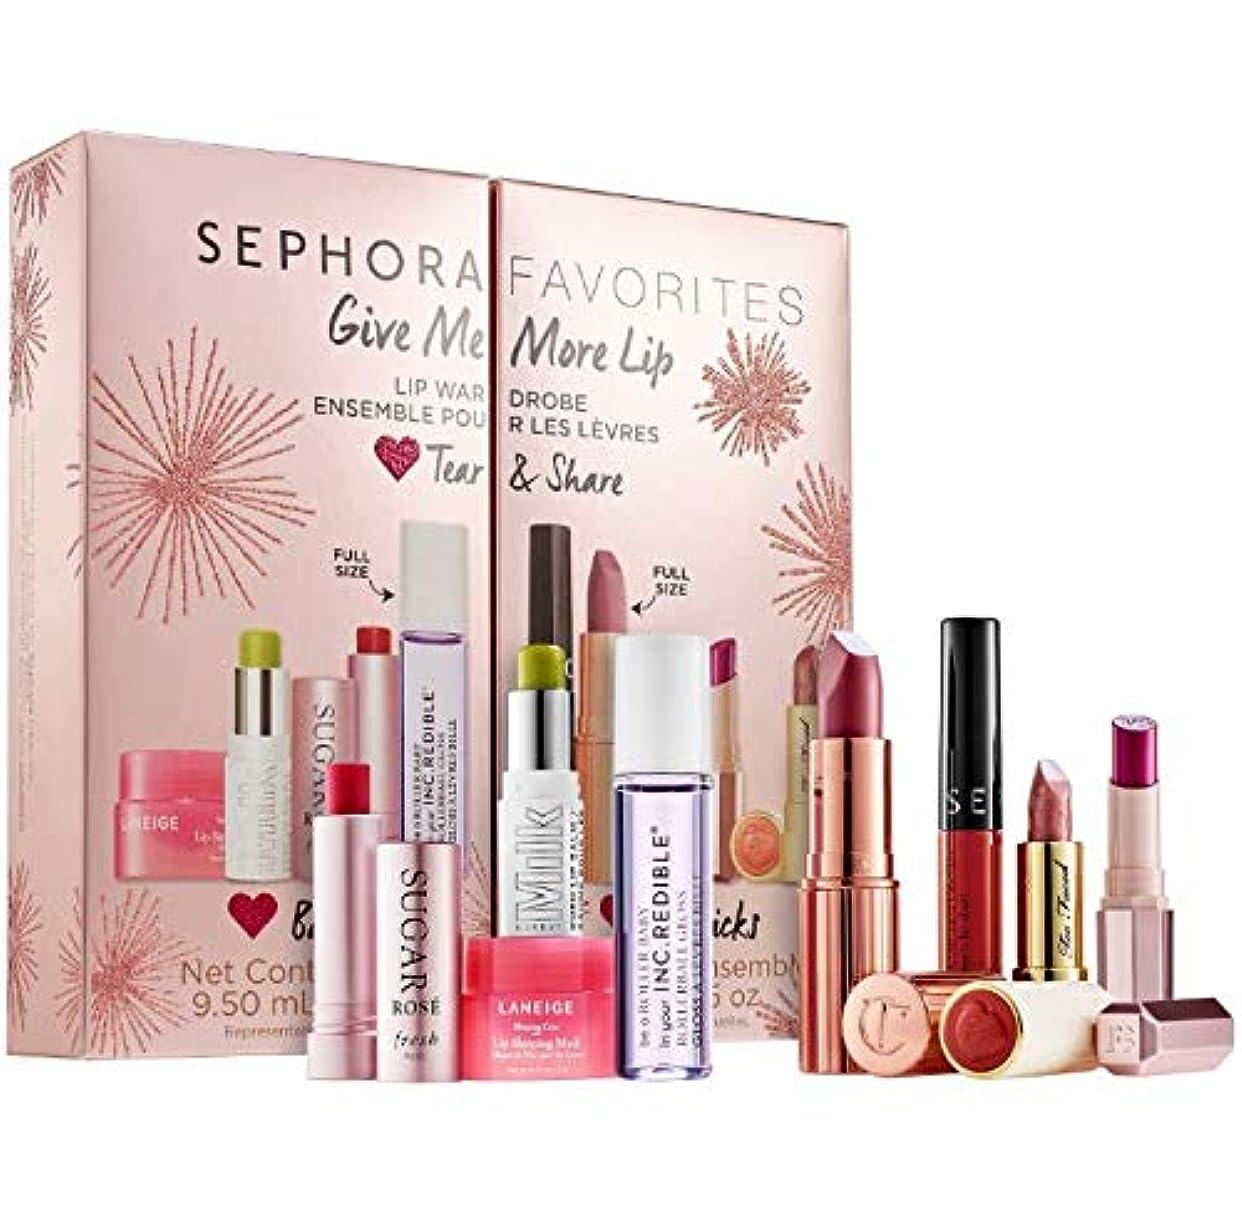 ジャンクションアシスタントサンダルセフォラ リップセット Sephora SEPHORA FAVORITES Give Me More Lip メイクアップ リップ グロス リップケア